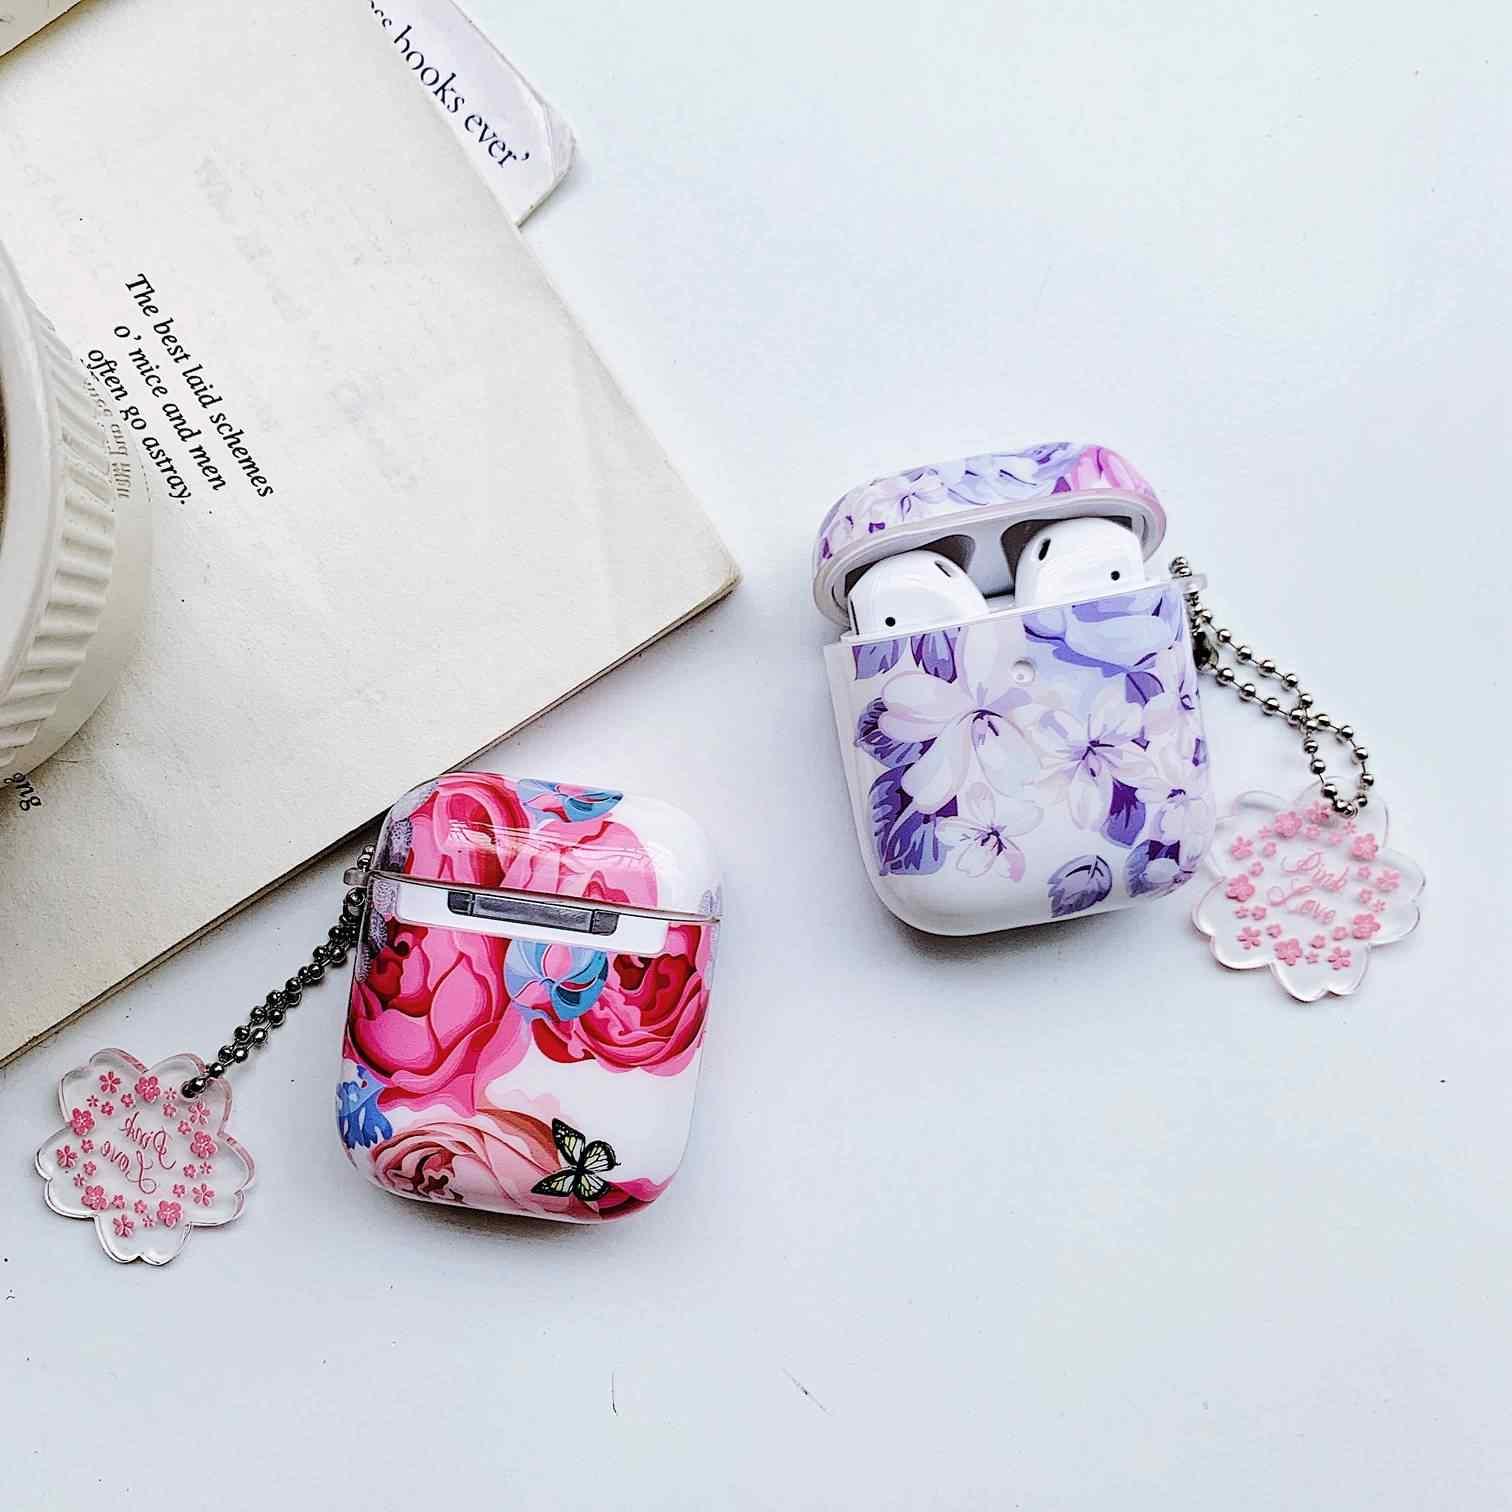 Pour AirPods étui de luxe peinture à l'huile fleur avec porte-clés accessoires couverture rigide pour Air pods 2 boîtier Bluetooth étui pour écouteurs capa